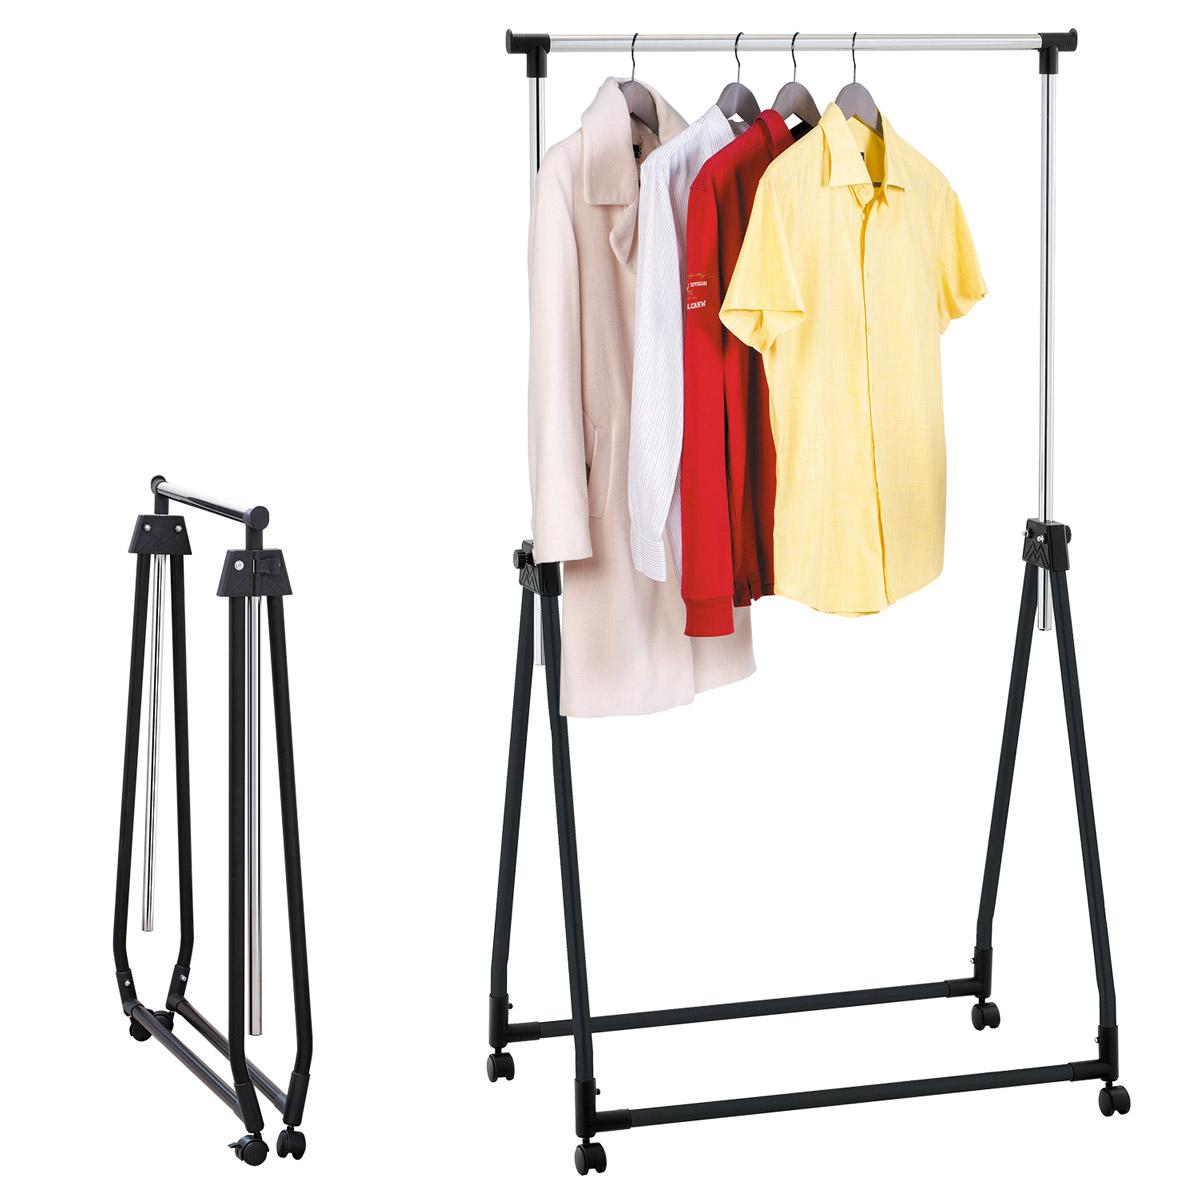 Стойка для одежды Tatkraft Halland, складная, высота 99 см - 167 см13247Стойка для одежды Tatkraft Halland изготовлена из хромированной стали. На такую стойку удобно вешать одежду, при этом стойка не займет много места. Высота регулируемая, от 99 см до 167 см. Для удобного хранения и перемещения, стойка имеет складную конструкцию и 4 колесика. Практичная и стильная стойка займет достойное место в вашем доме. Размер стойки в сложенном виде: 89 см х 11 х 99 см.Размер в разложенном виде: 89 см х 49 см х 99-167 см.